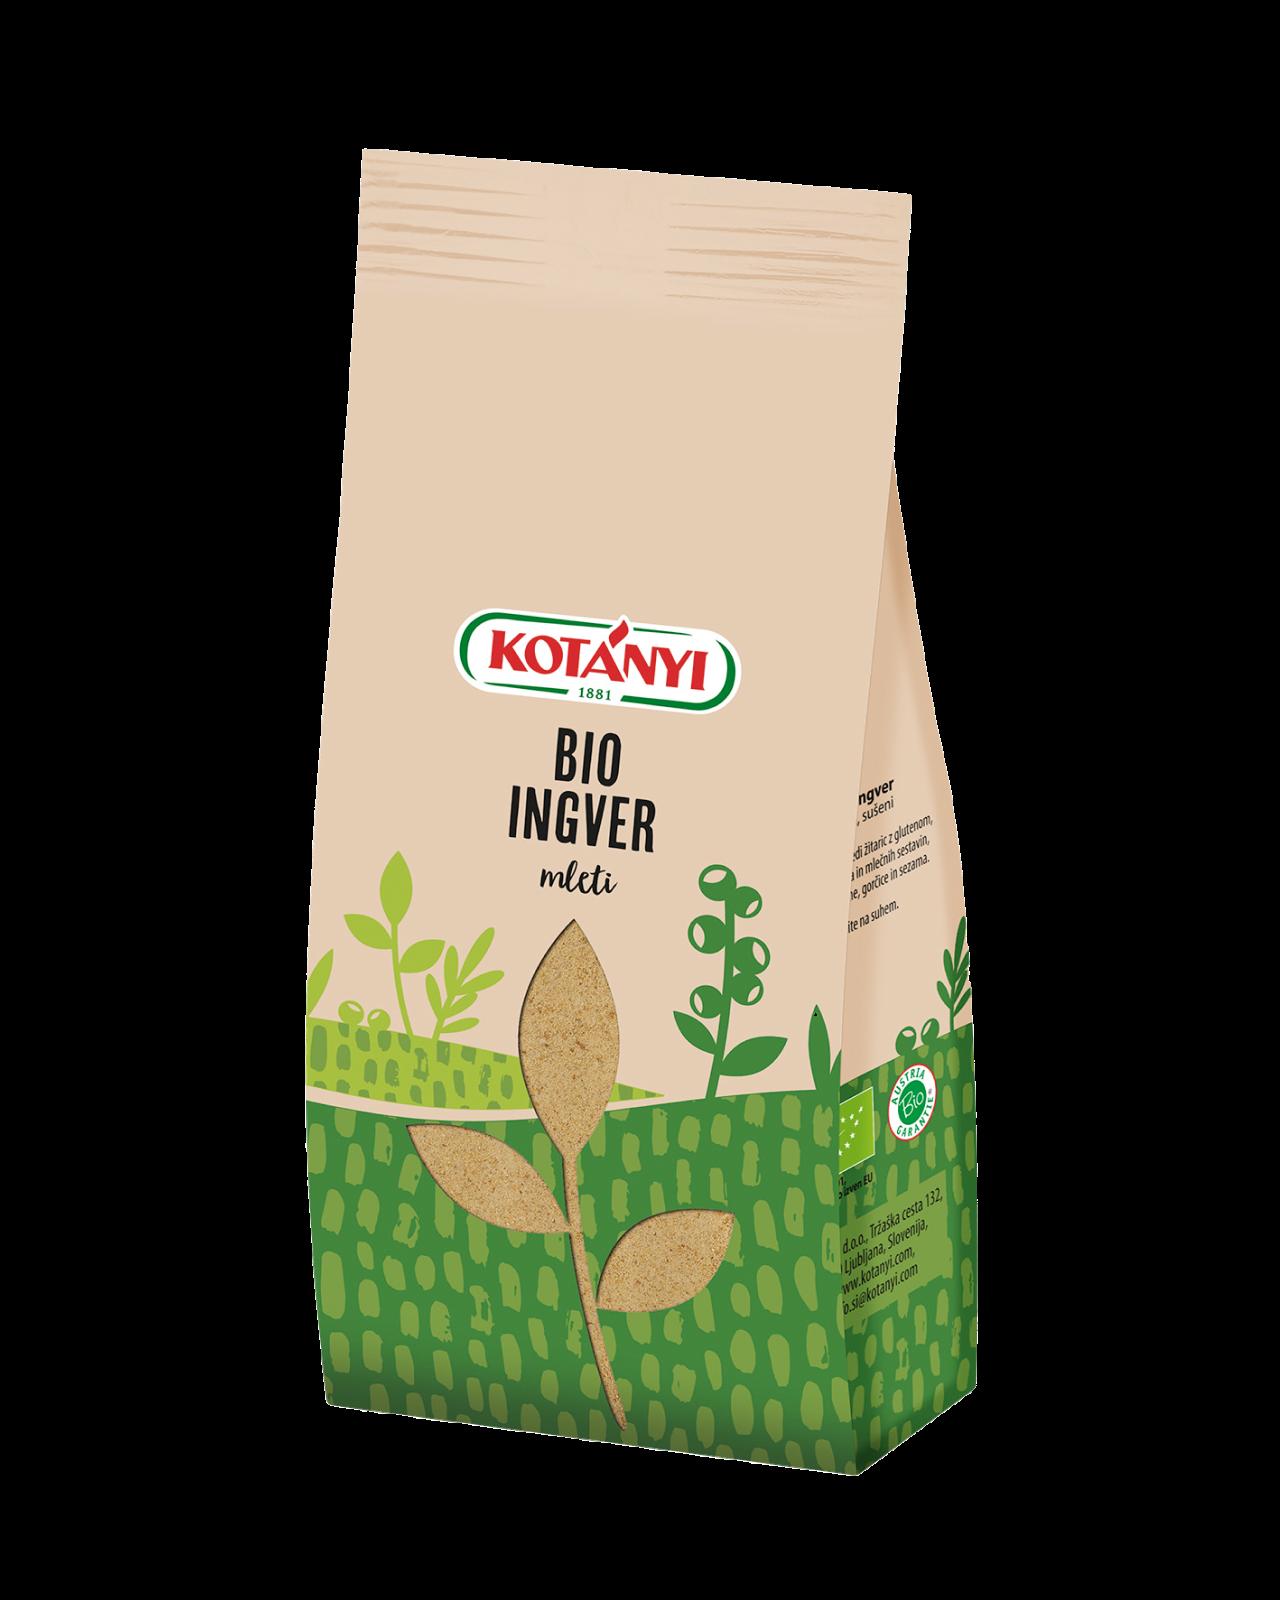 051906 Kotanyi Bio Ingver Mleti Stock Bag S